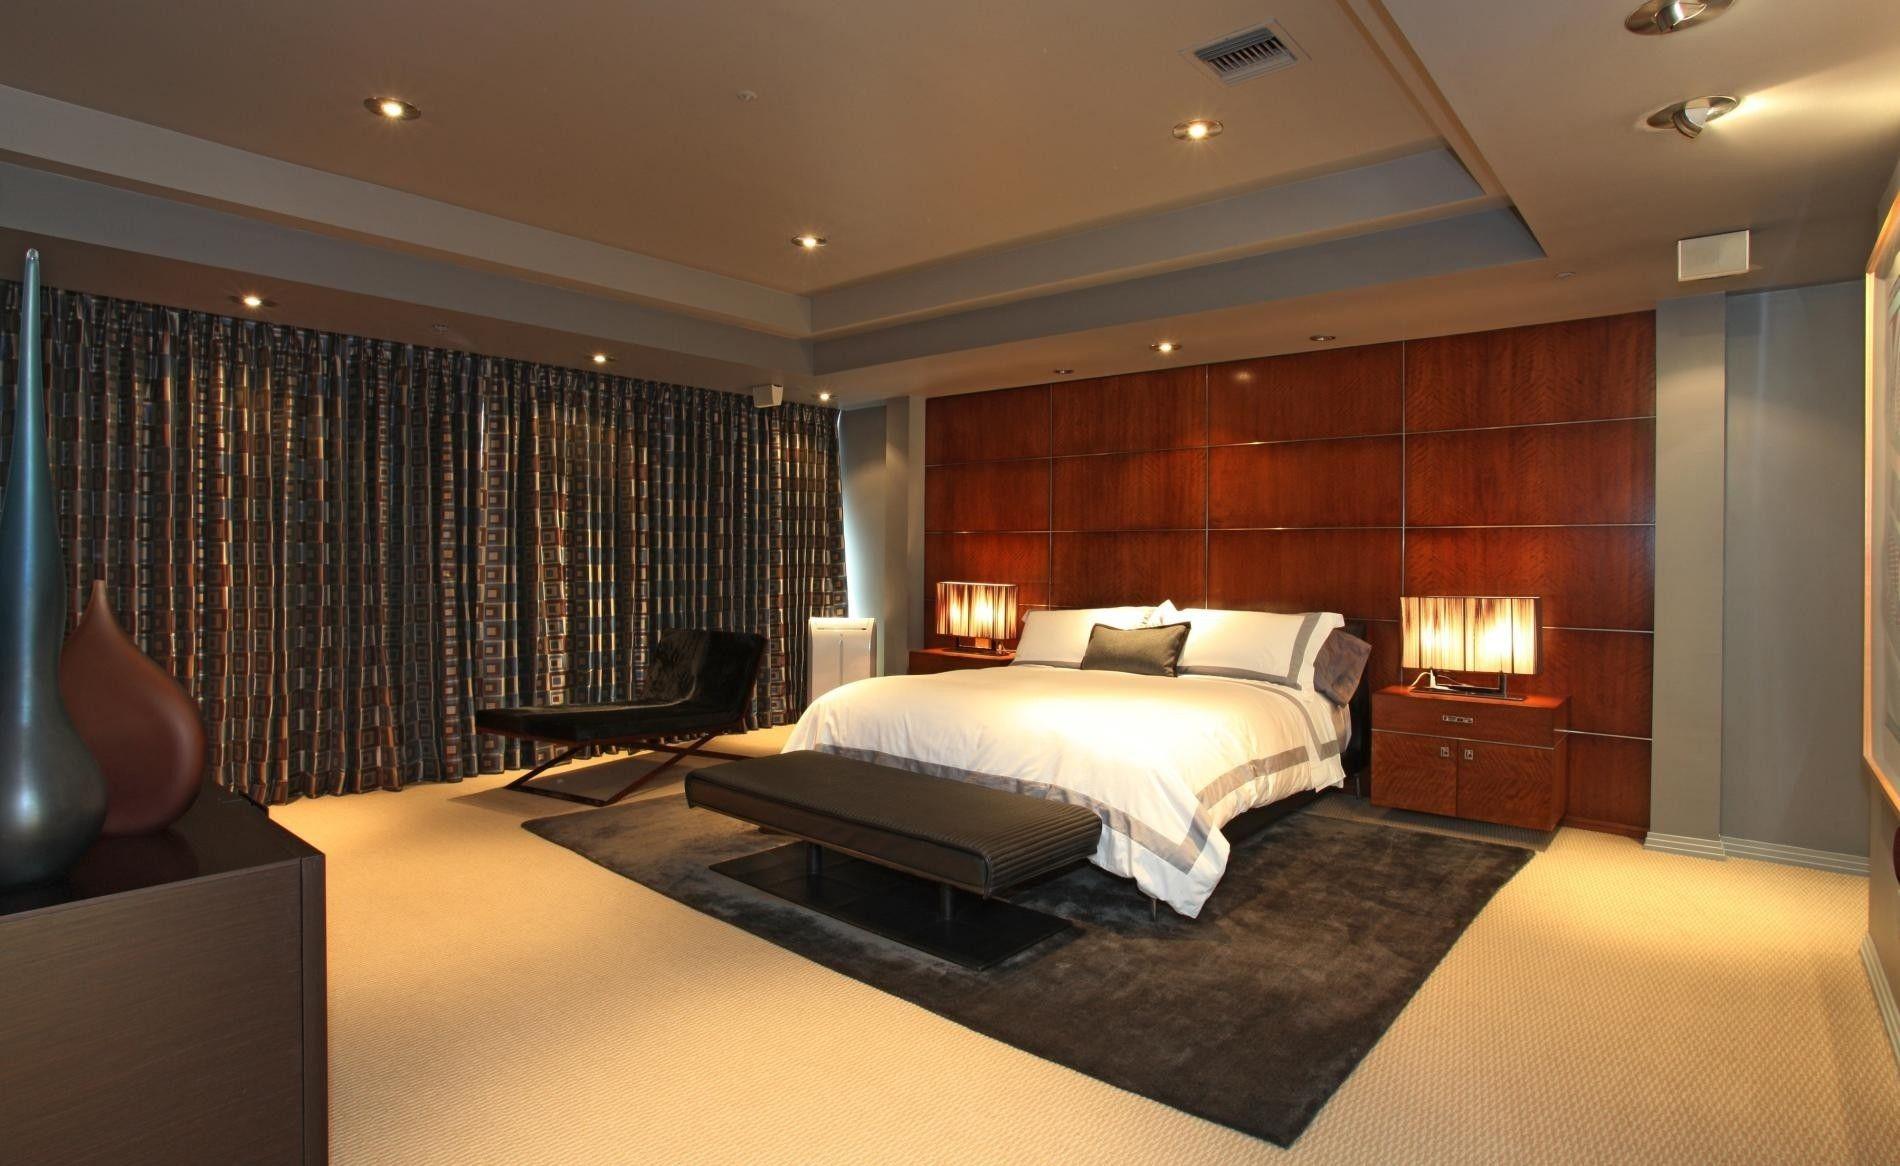 Schöne Braune Holz Modernes Design Schlafzimmer Honeymoon White Decken  Kissen End Tisch Lampe Nacht Grau Teppich